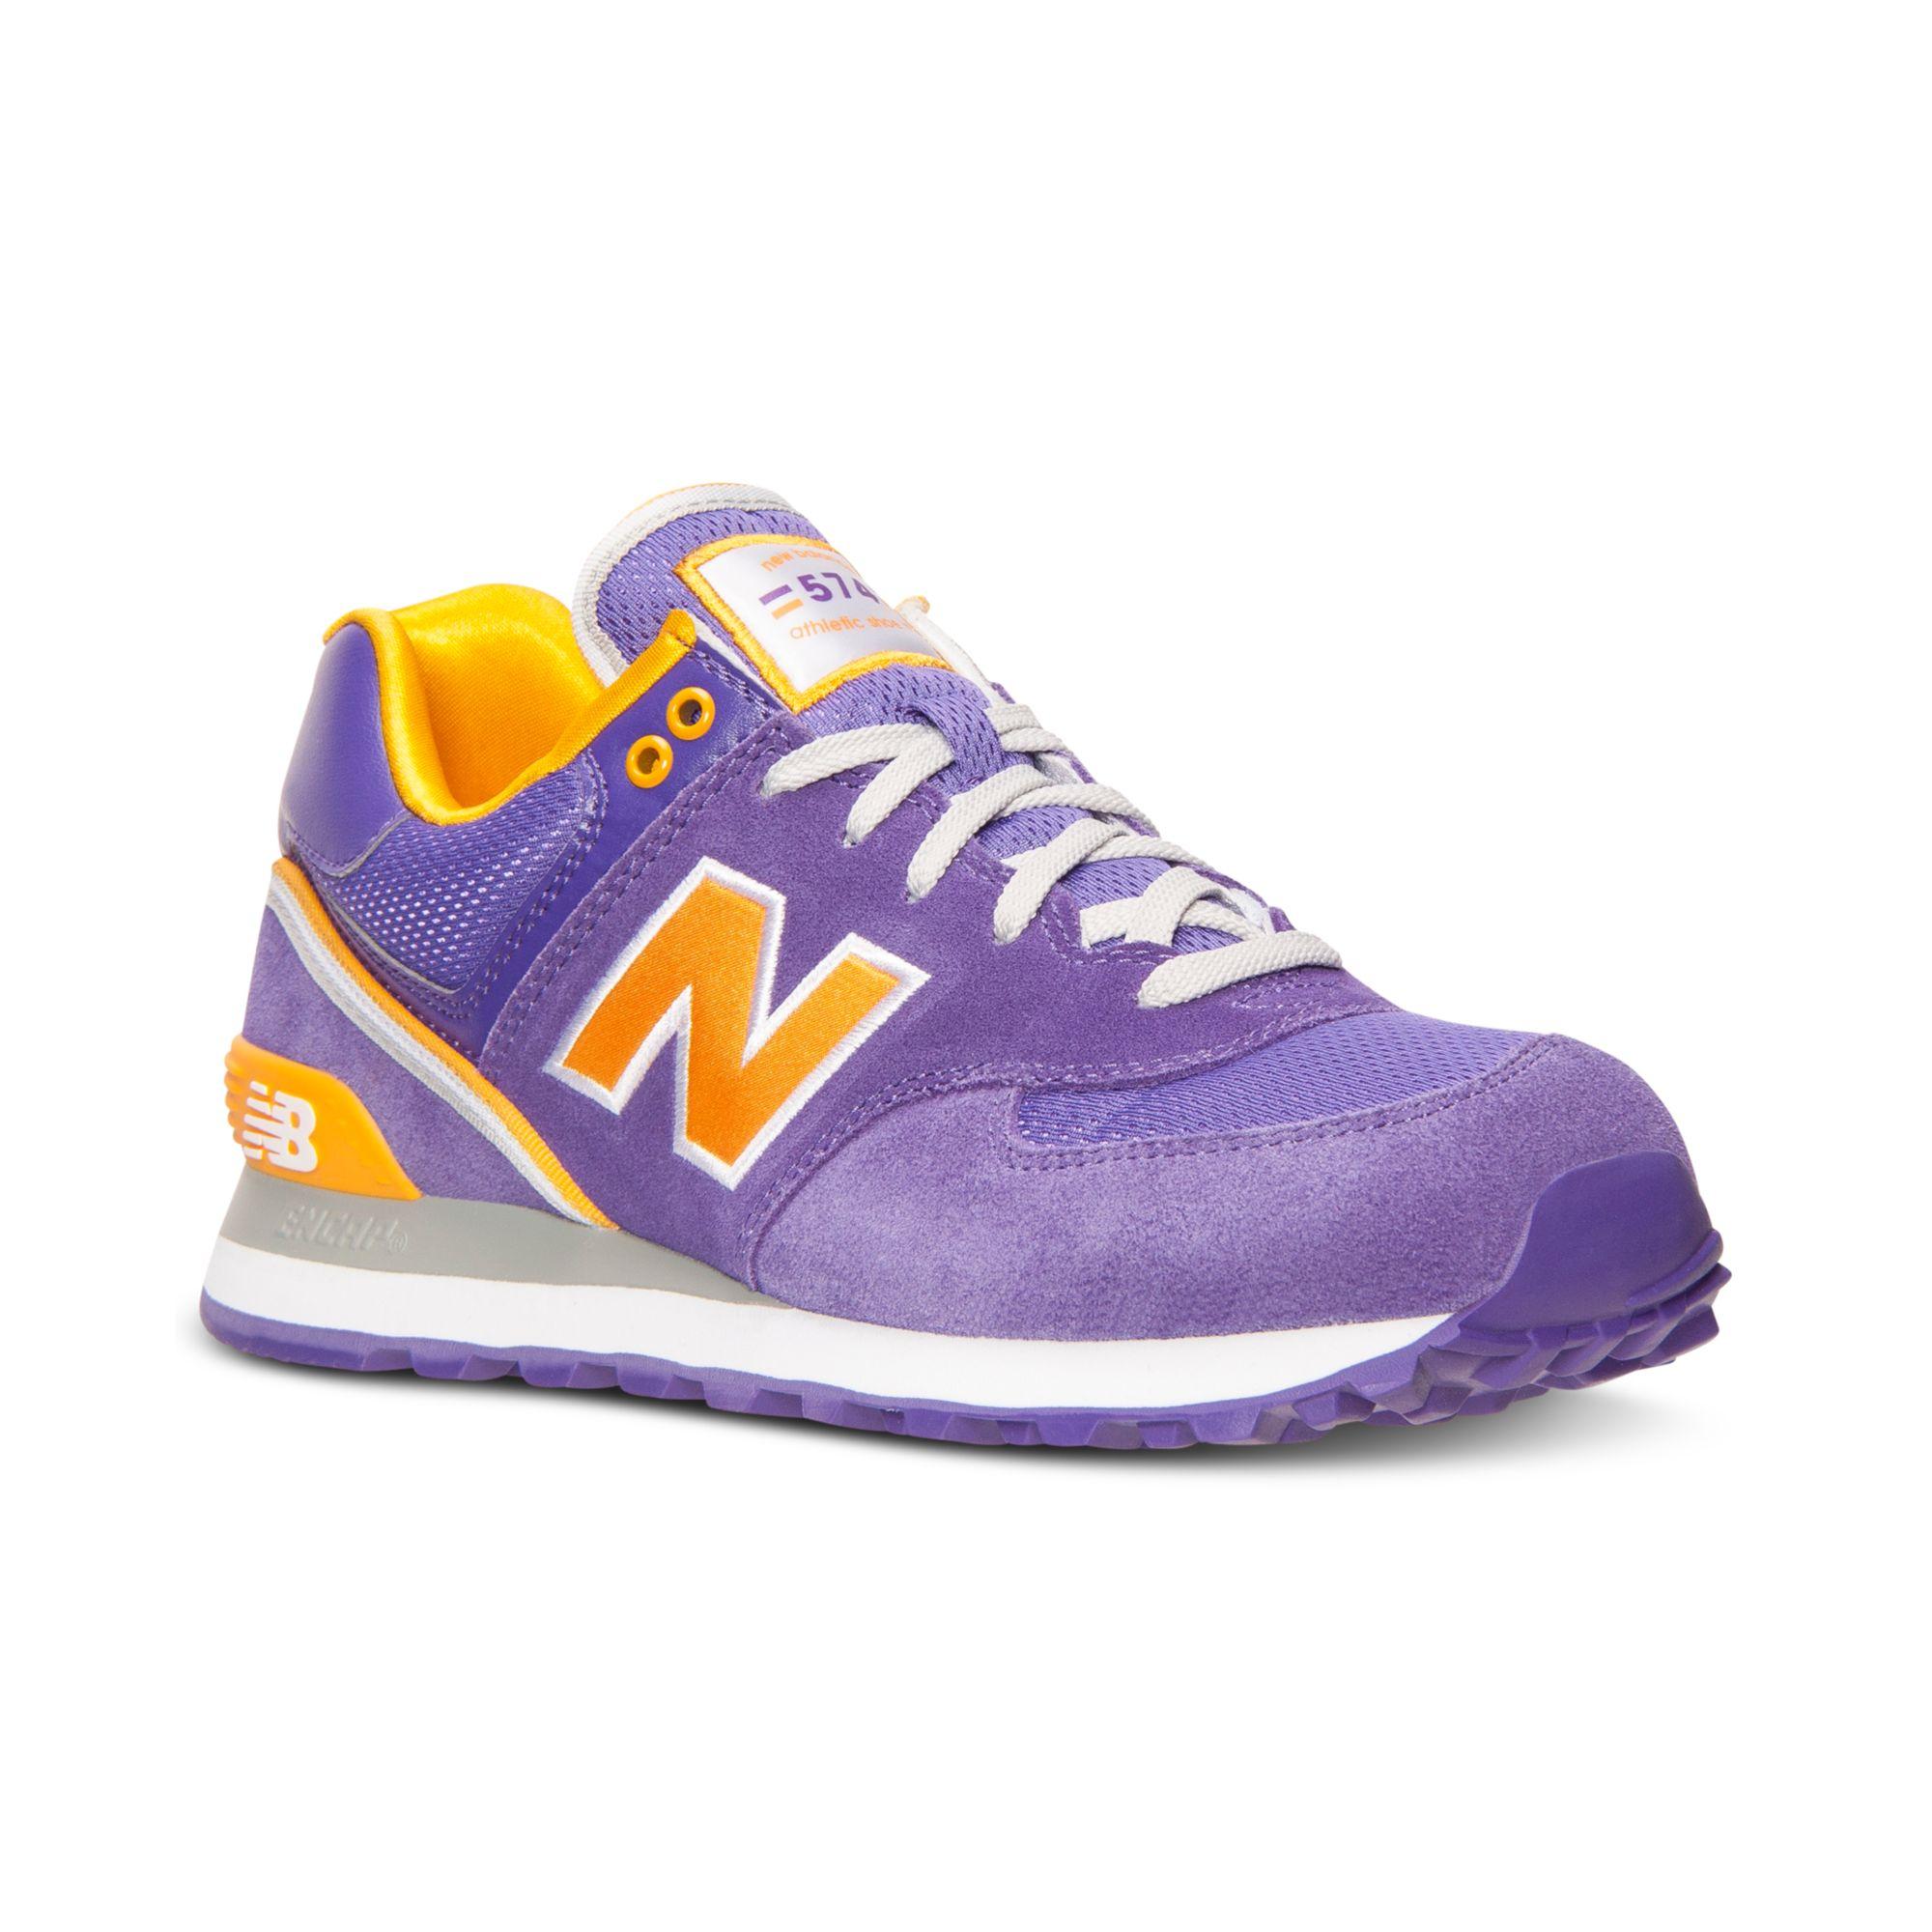 Lavender Color Shoes